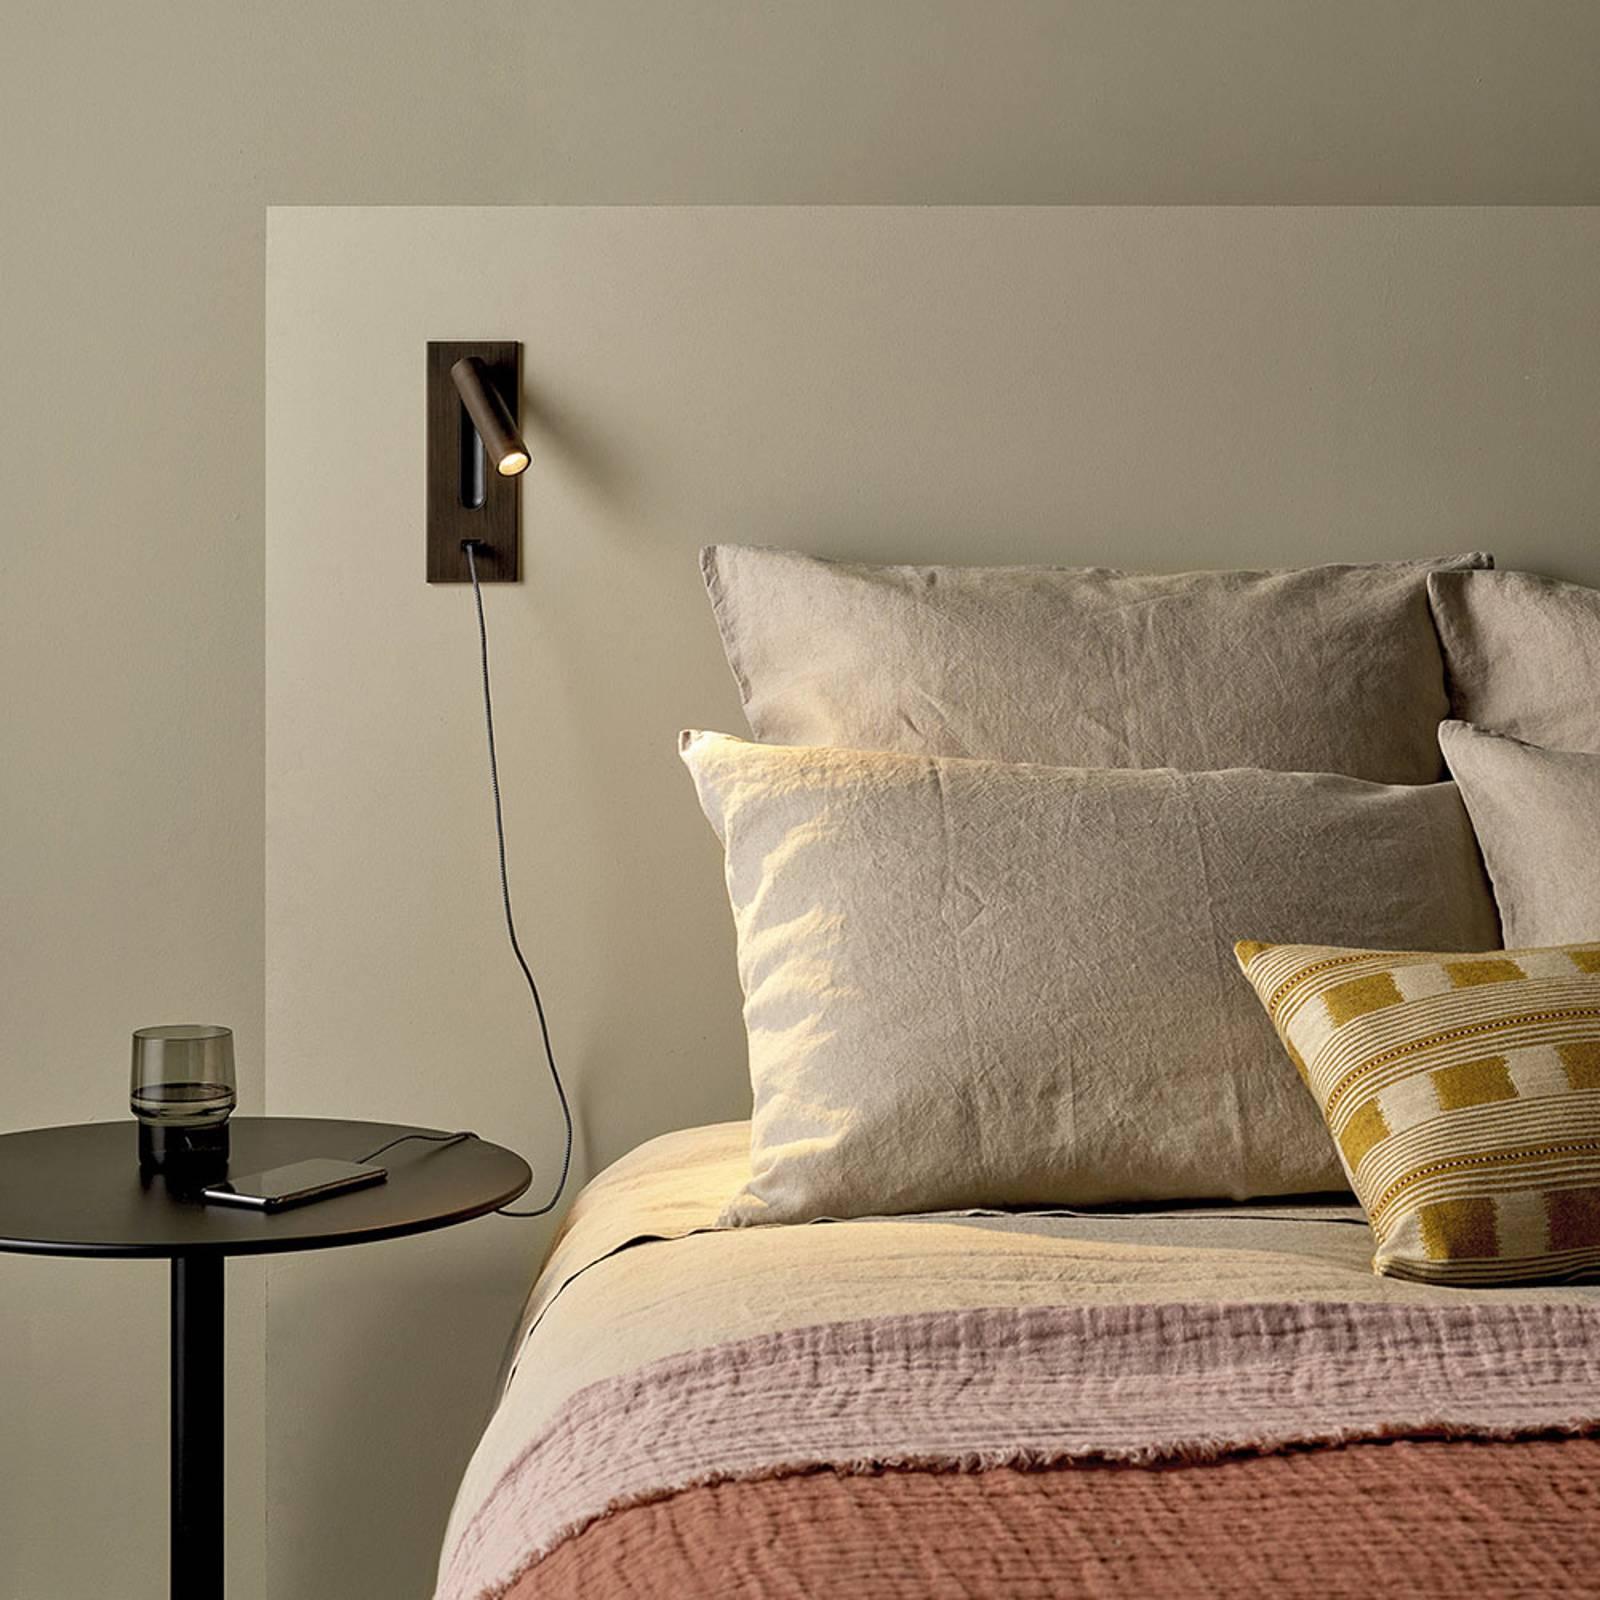 Astro Fuse LED USB -LED-seinäuppovalaisin, kromi